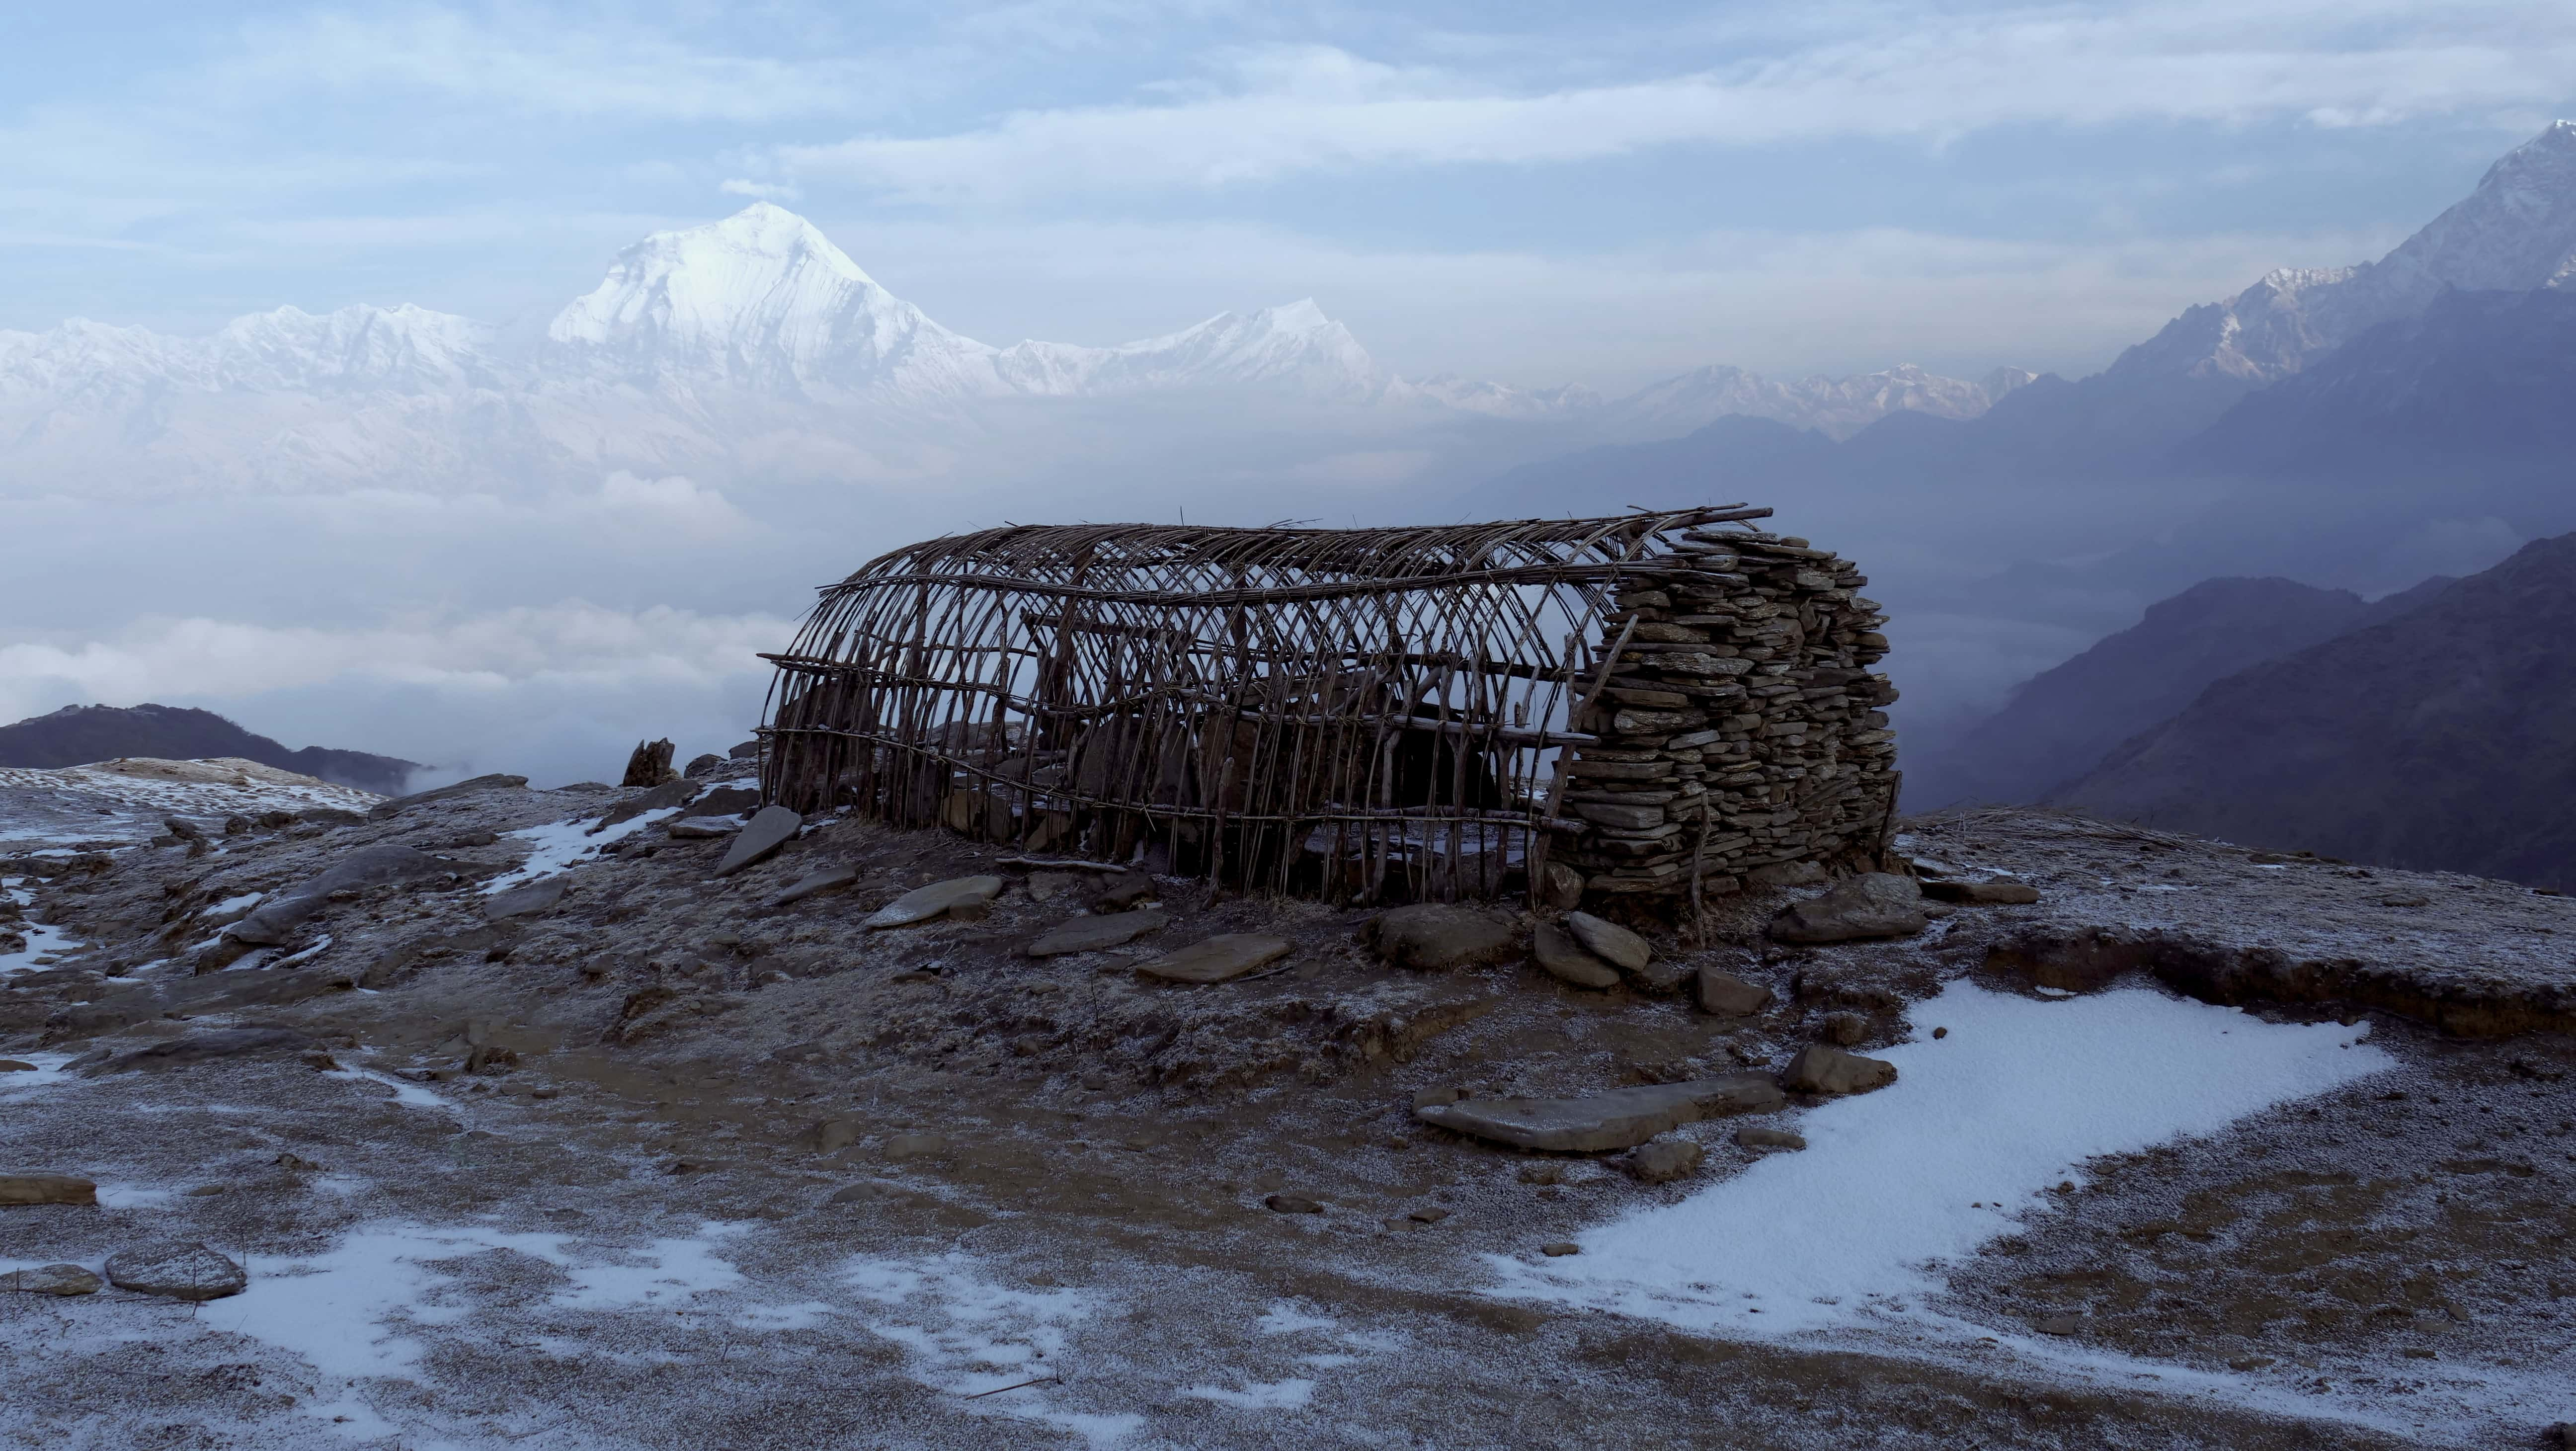 Field Recording nepal himalaya David kamp studiokamp mountaintop m b